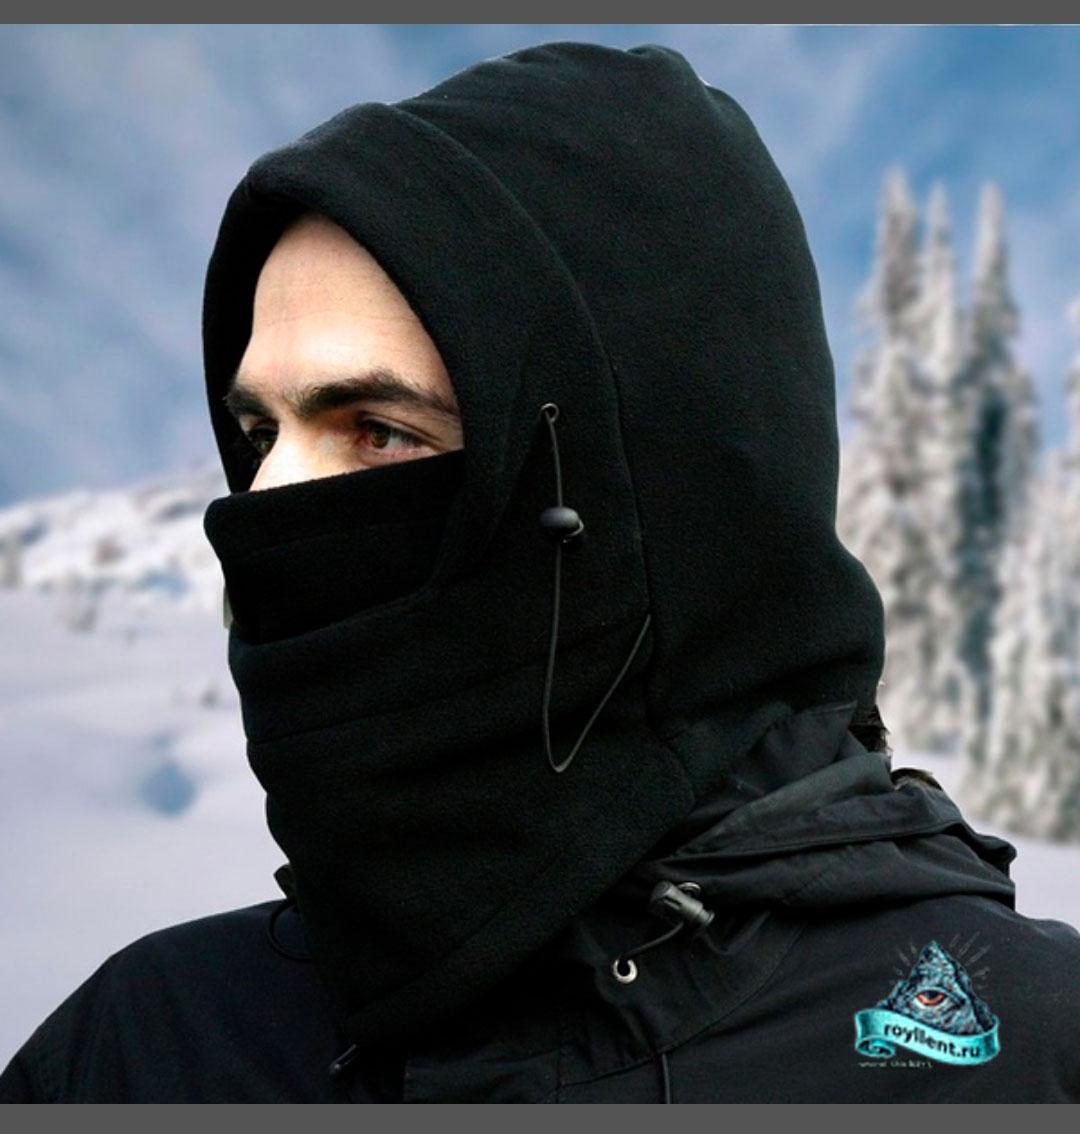 balaklava1 для сноуборда с меняющимся размером недорого